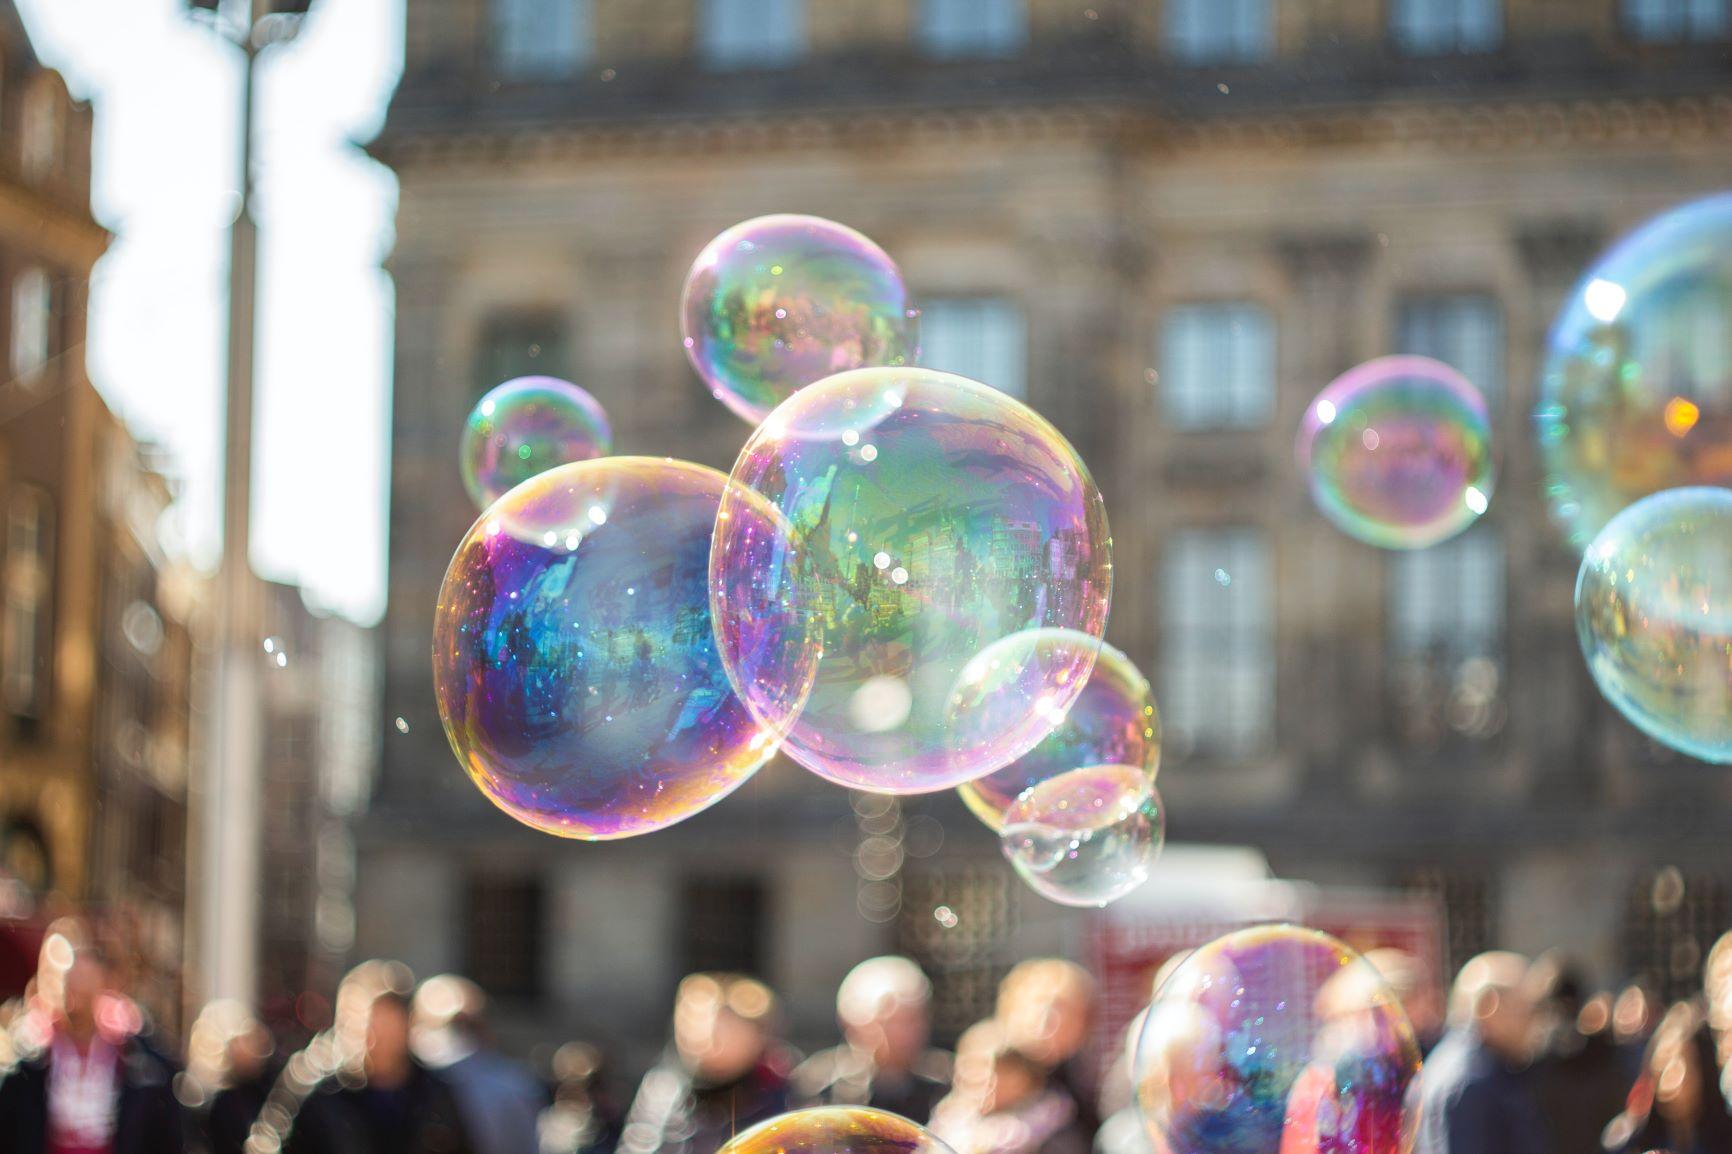 Seifenblasen über einer Menschenmenge